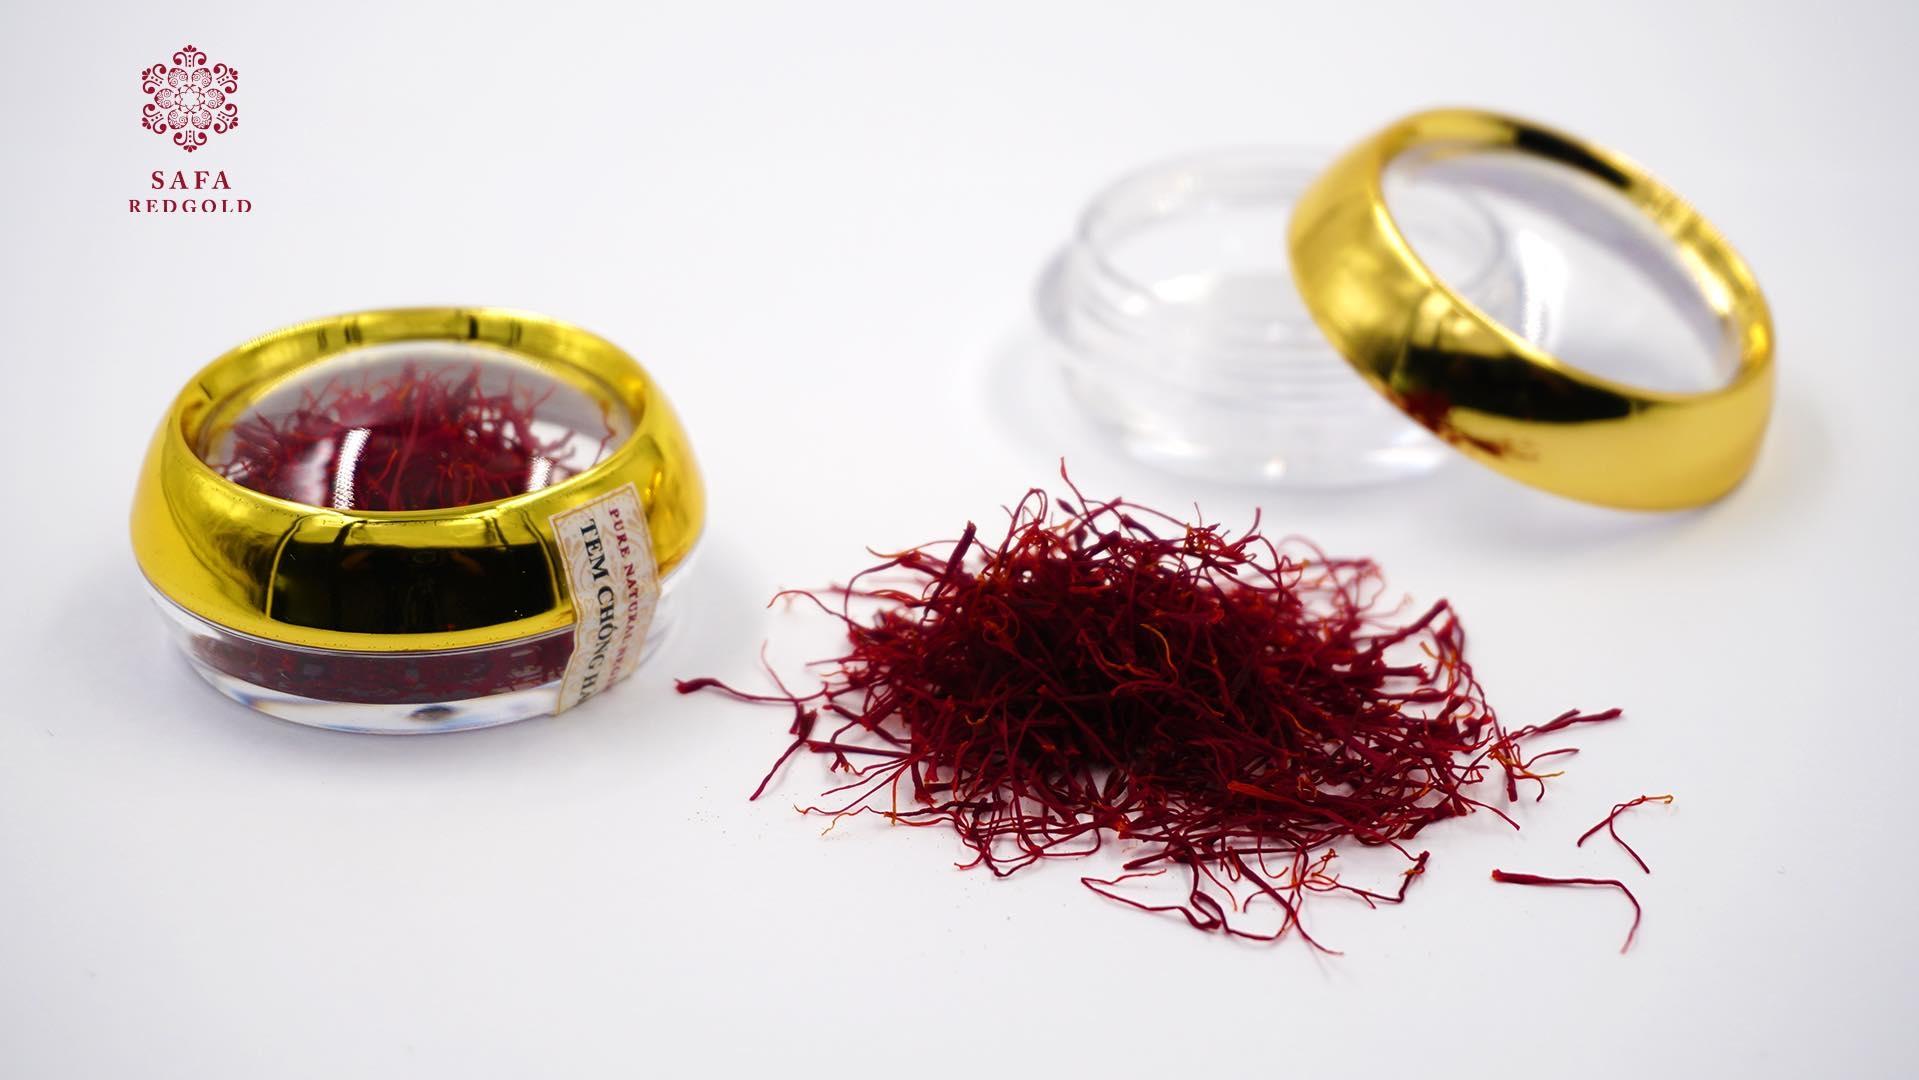 Saffron redgold - Nhụy hoa nghệ tây 1gr - hộp đỏ